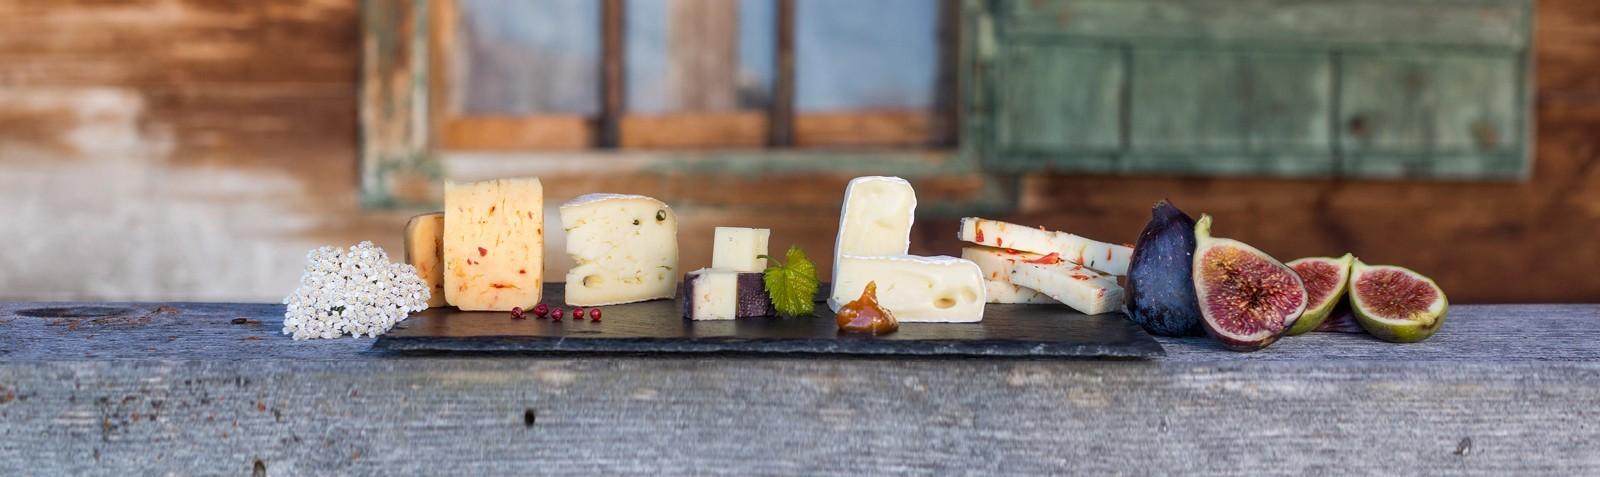 Südtiroler Käse